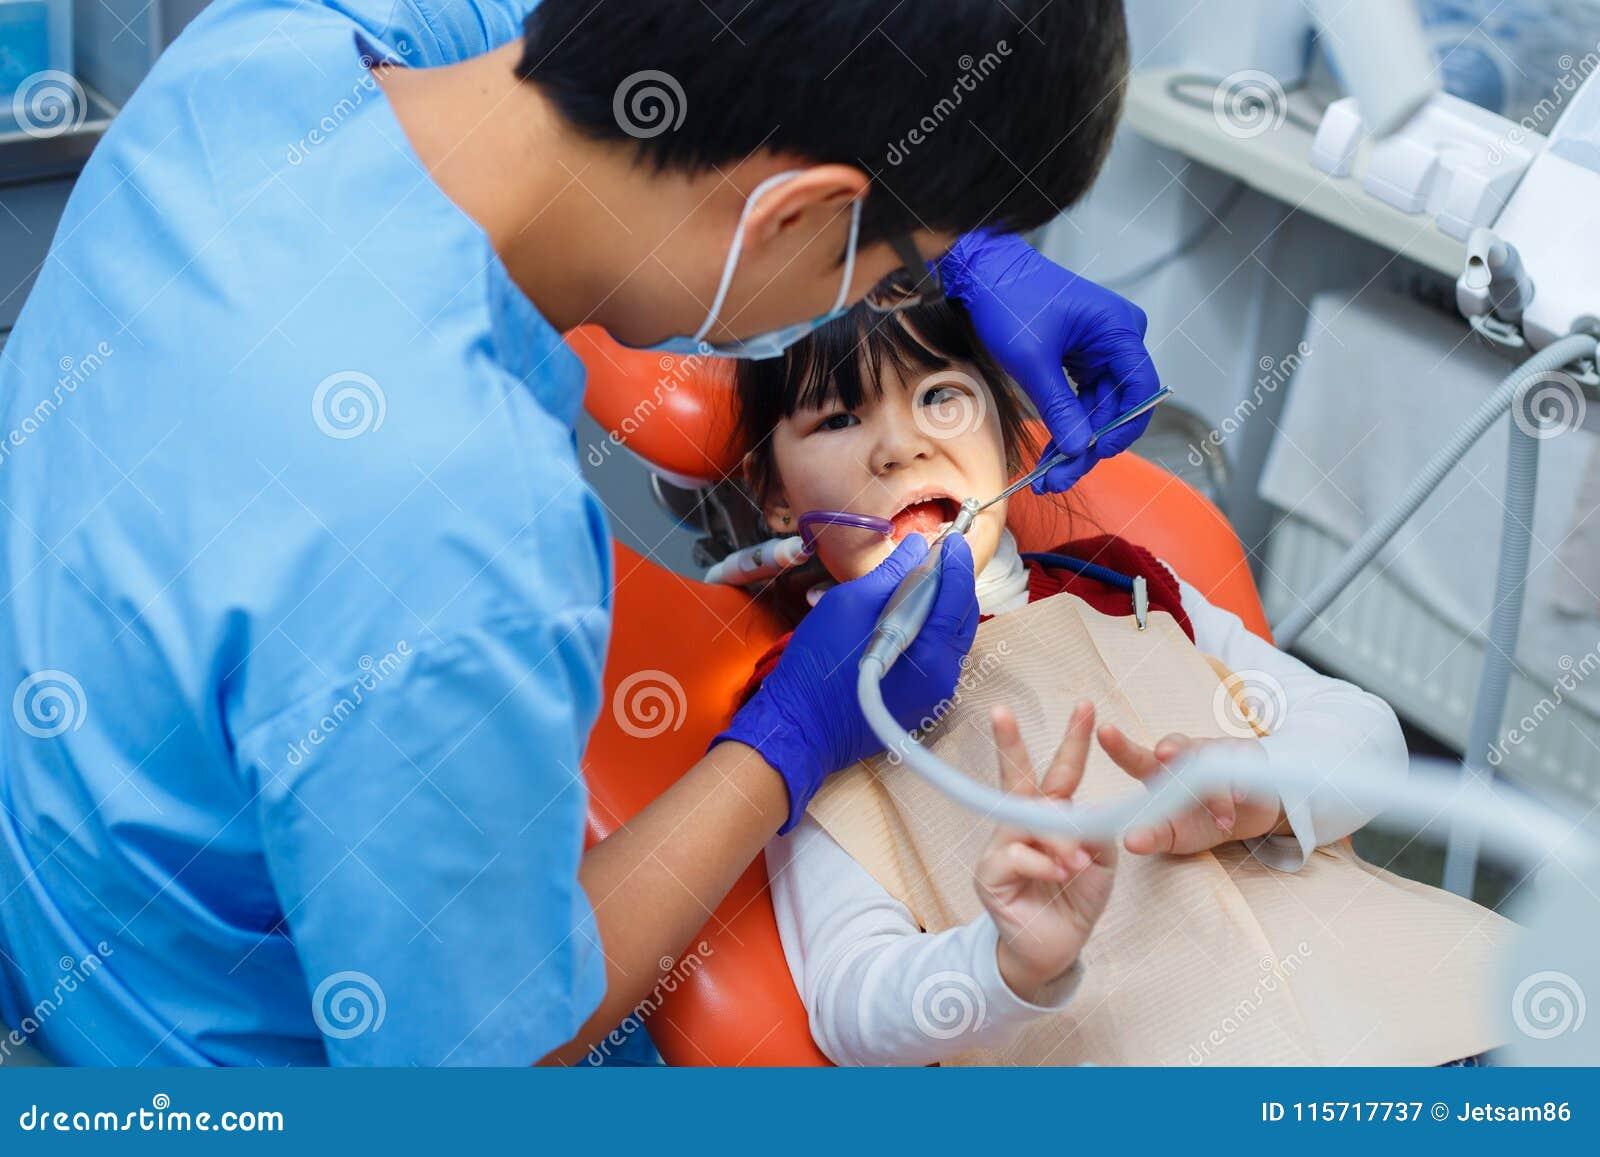 Art dentaire pédiatrique, art dentaire de prévention, concept d hygiène buccale